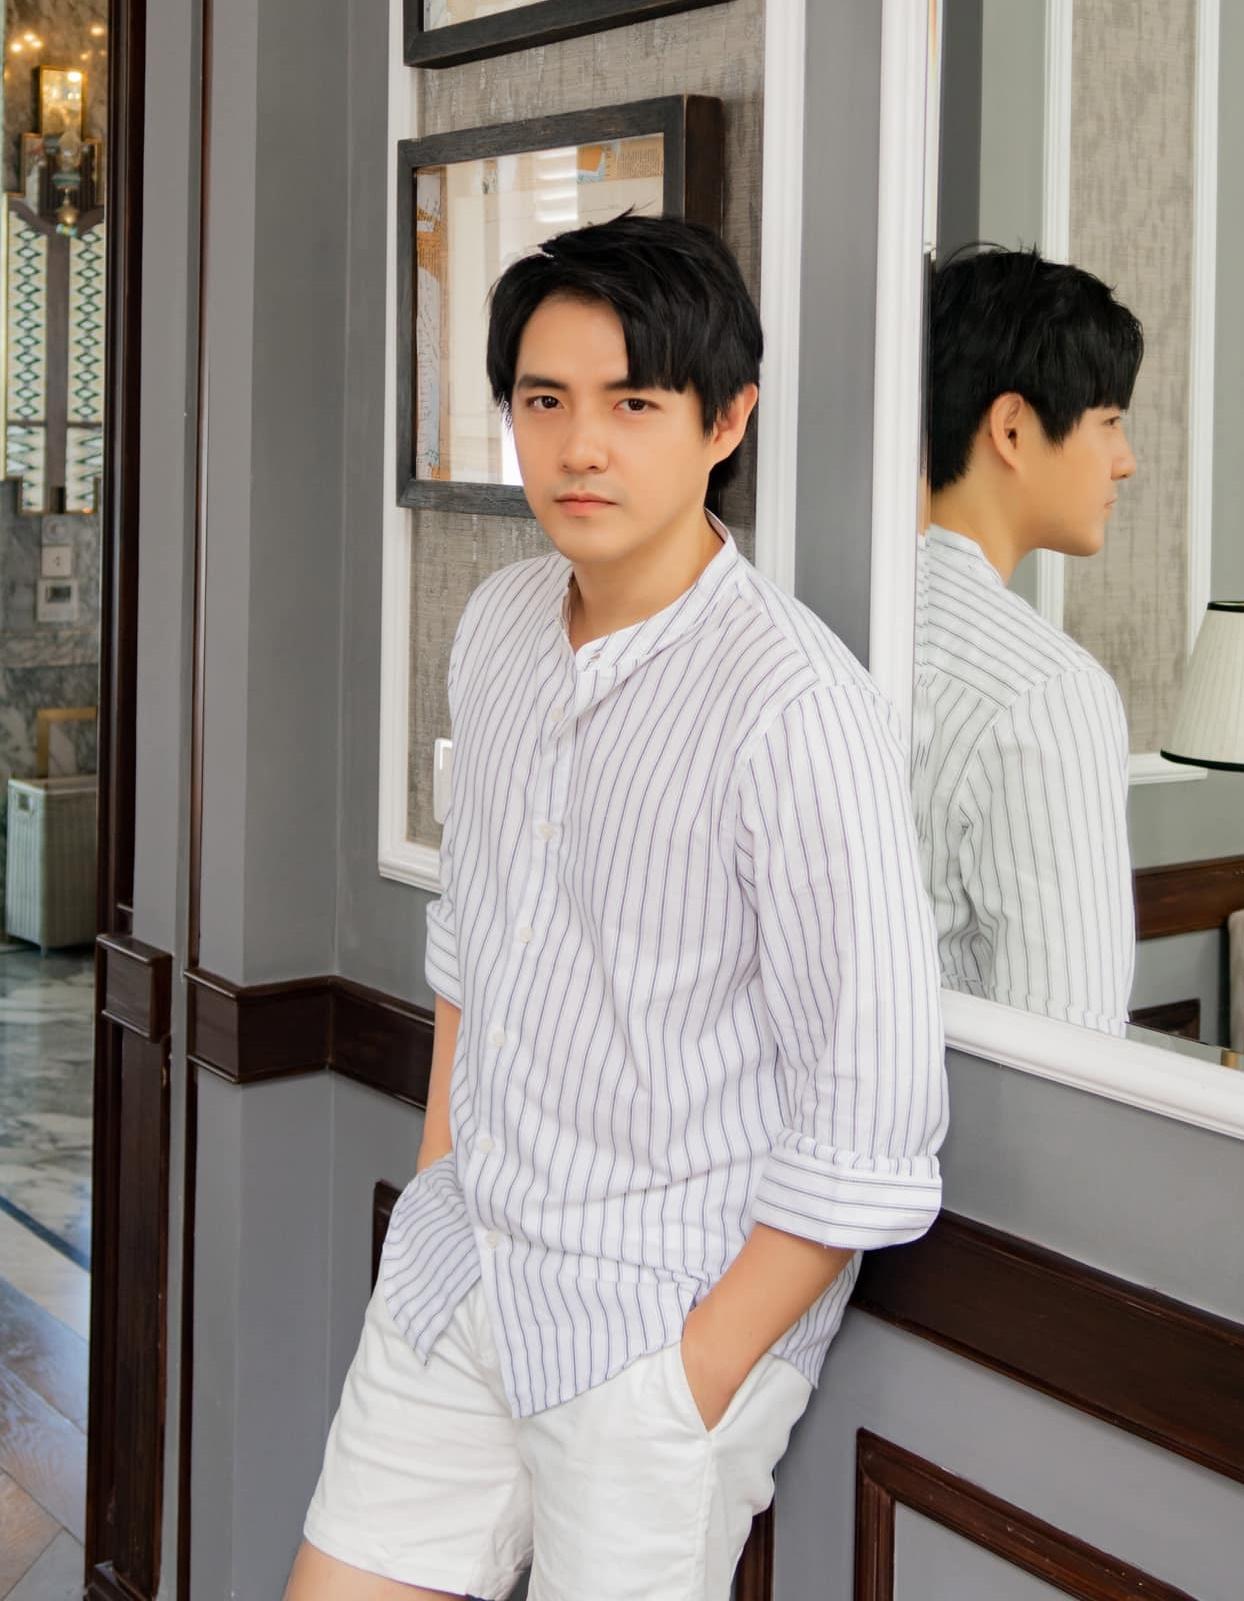 Khó tin những cặp sao Việt này cùng tuổi: Ông Cao Thắng - Quách Ngọc Ngoan chênh lệch ngoại hình cực lớn nhưng chưa sốc bằng cặp của Tuấn Hưng-3